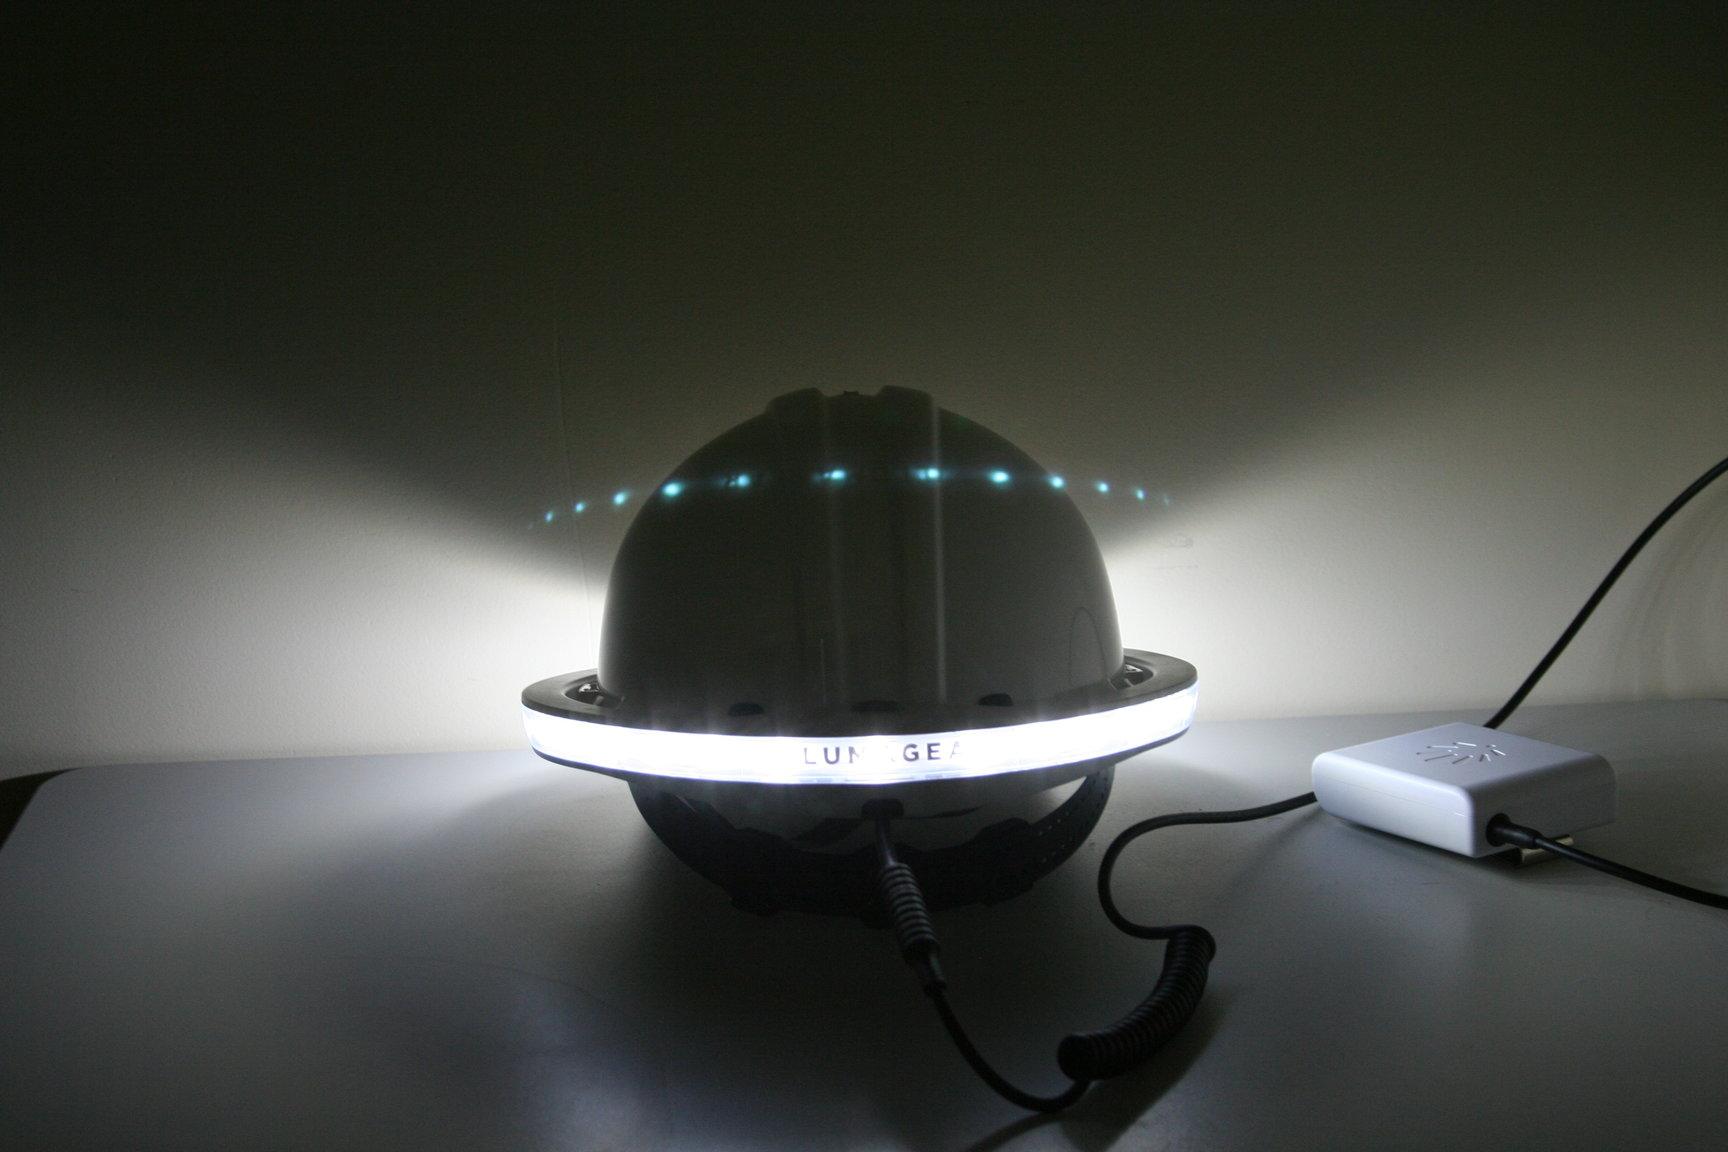 Halo Light Illumagear